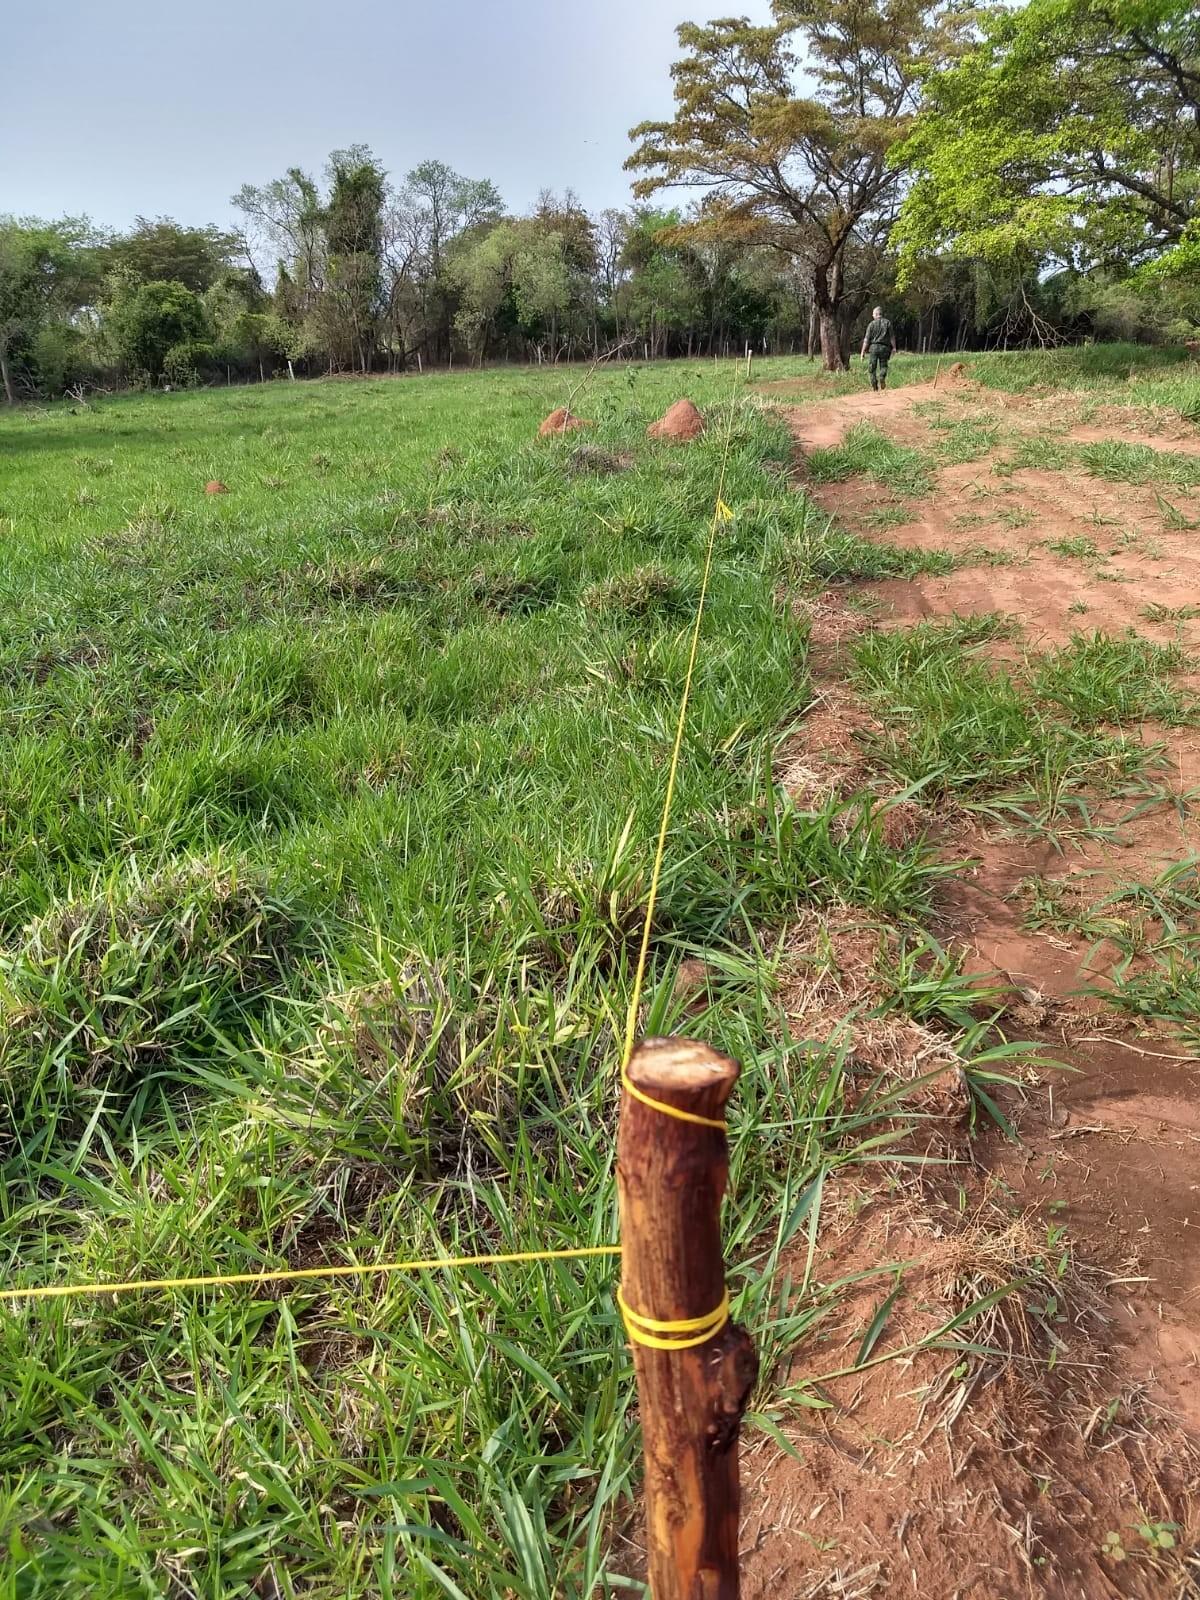 Após denúncia, Polícia Militar Ambiental constata parcelamento irregular de solo em sítio e adverte proprietário